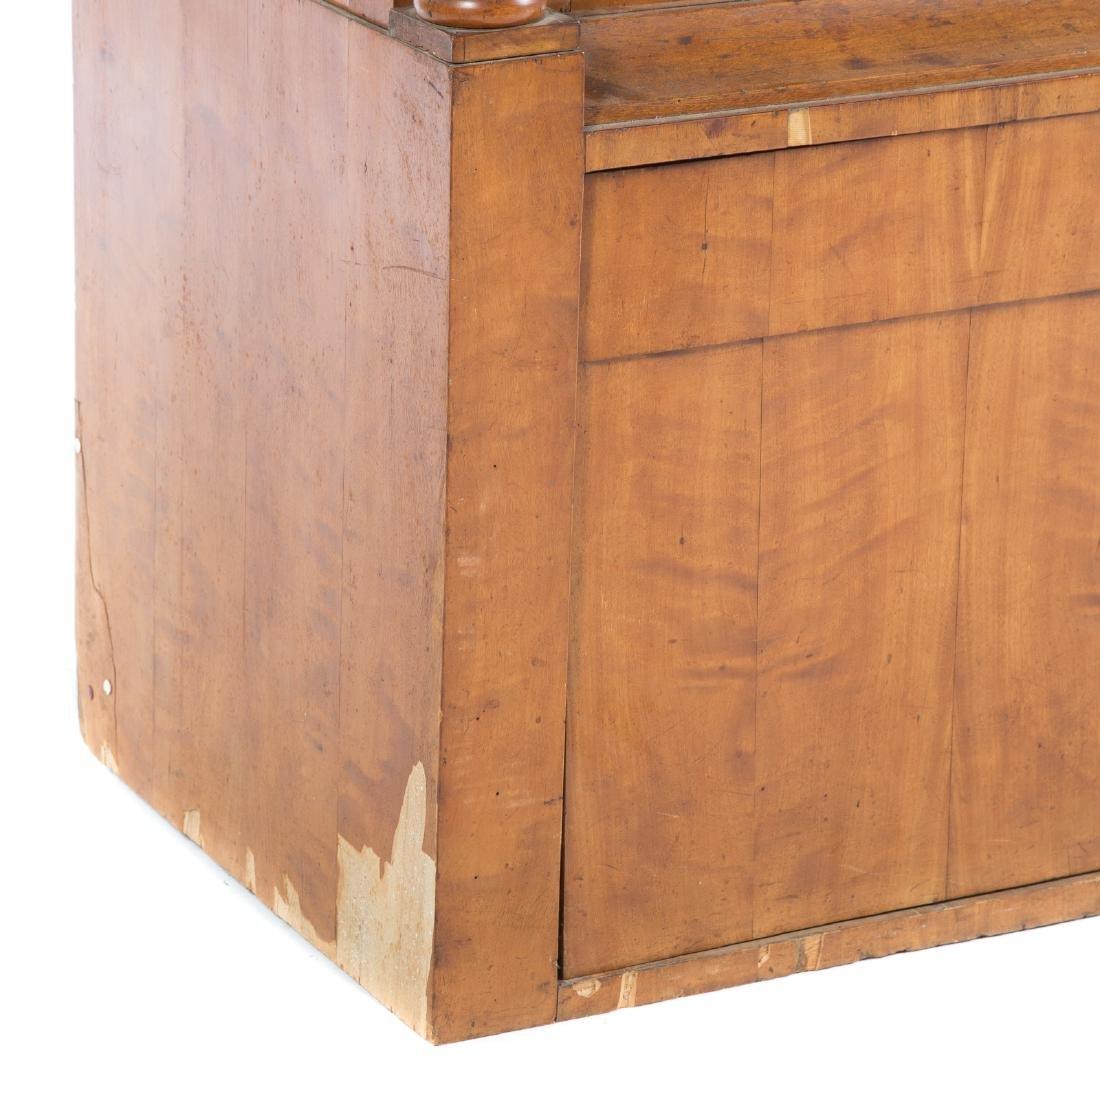 German/Austrian Biedermeier fruitwood vitrine - 3